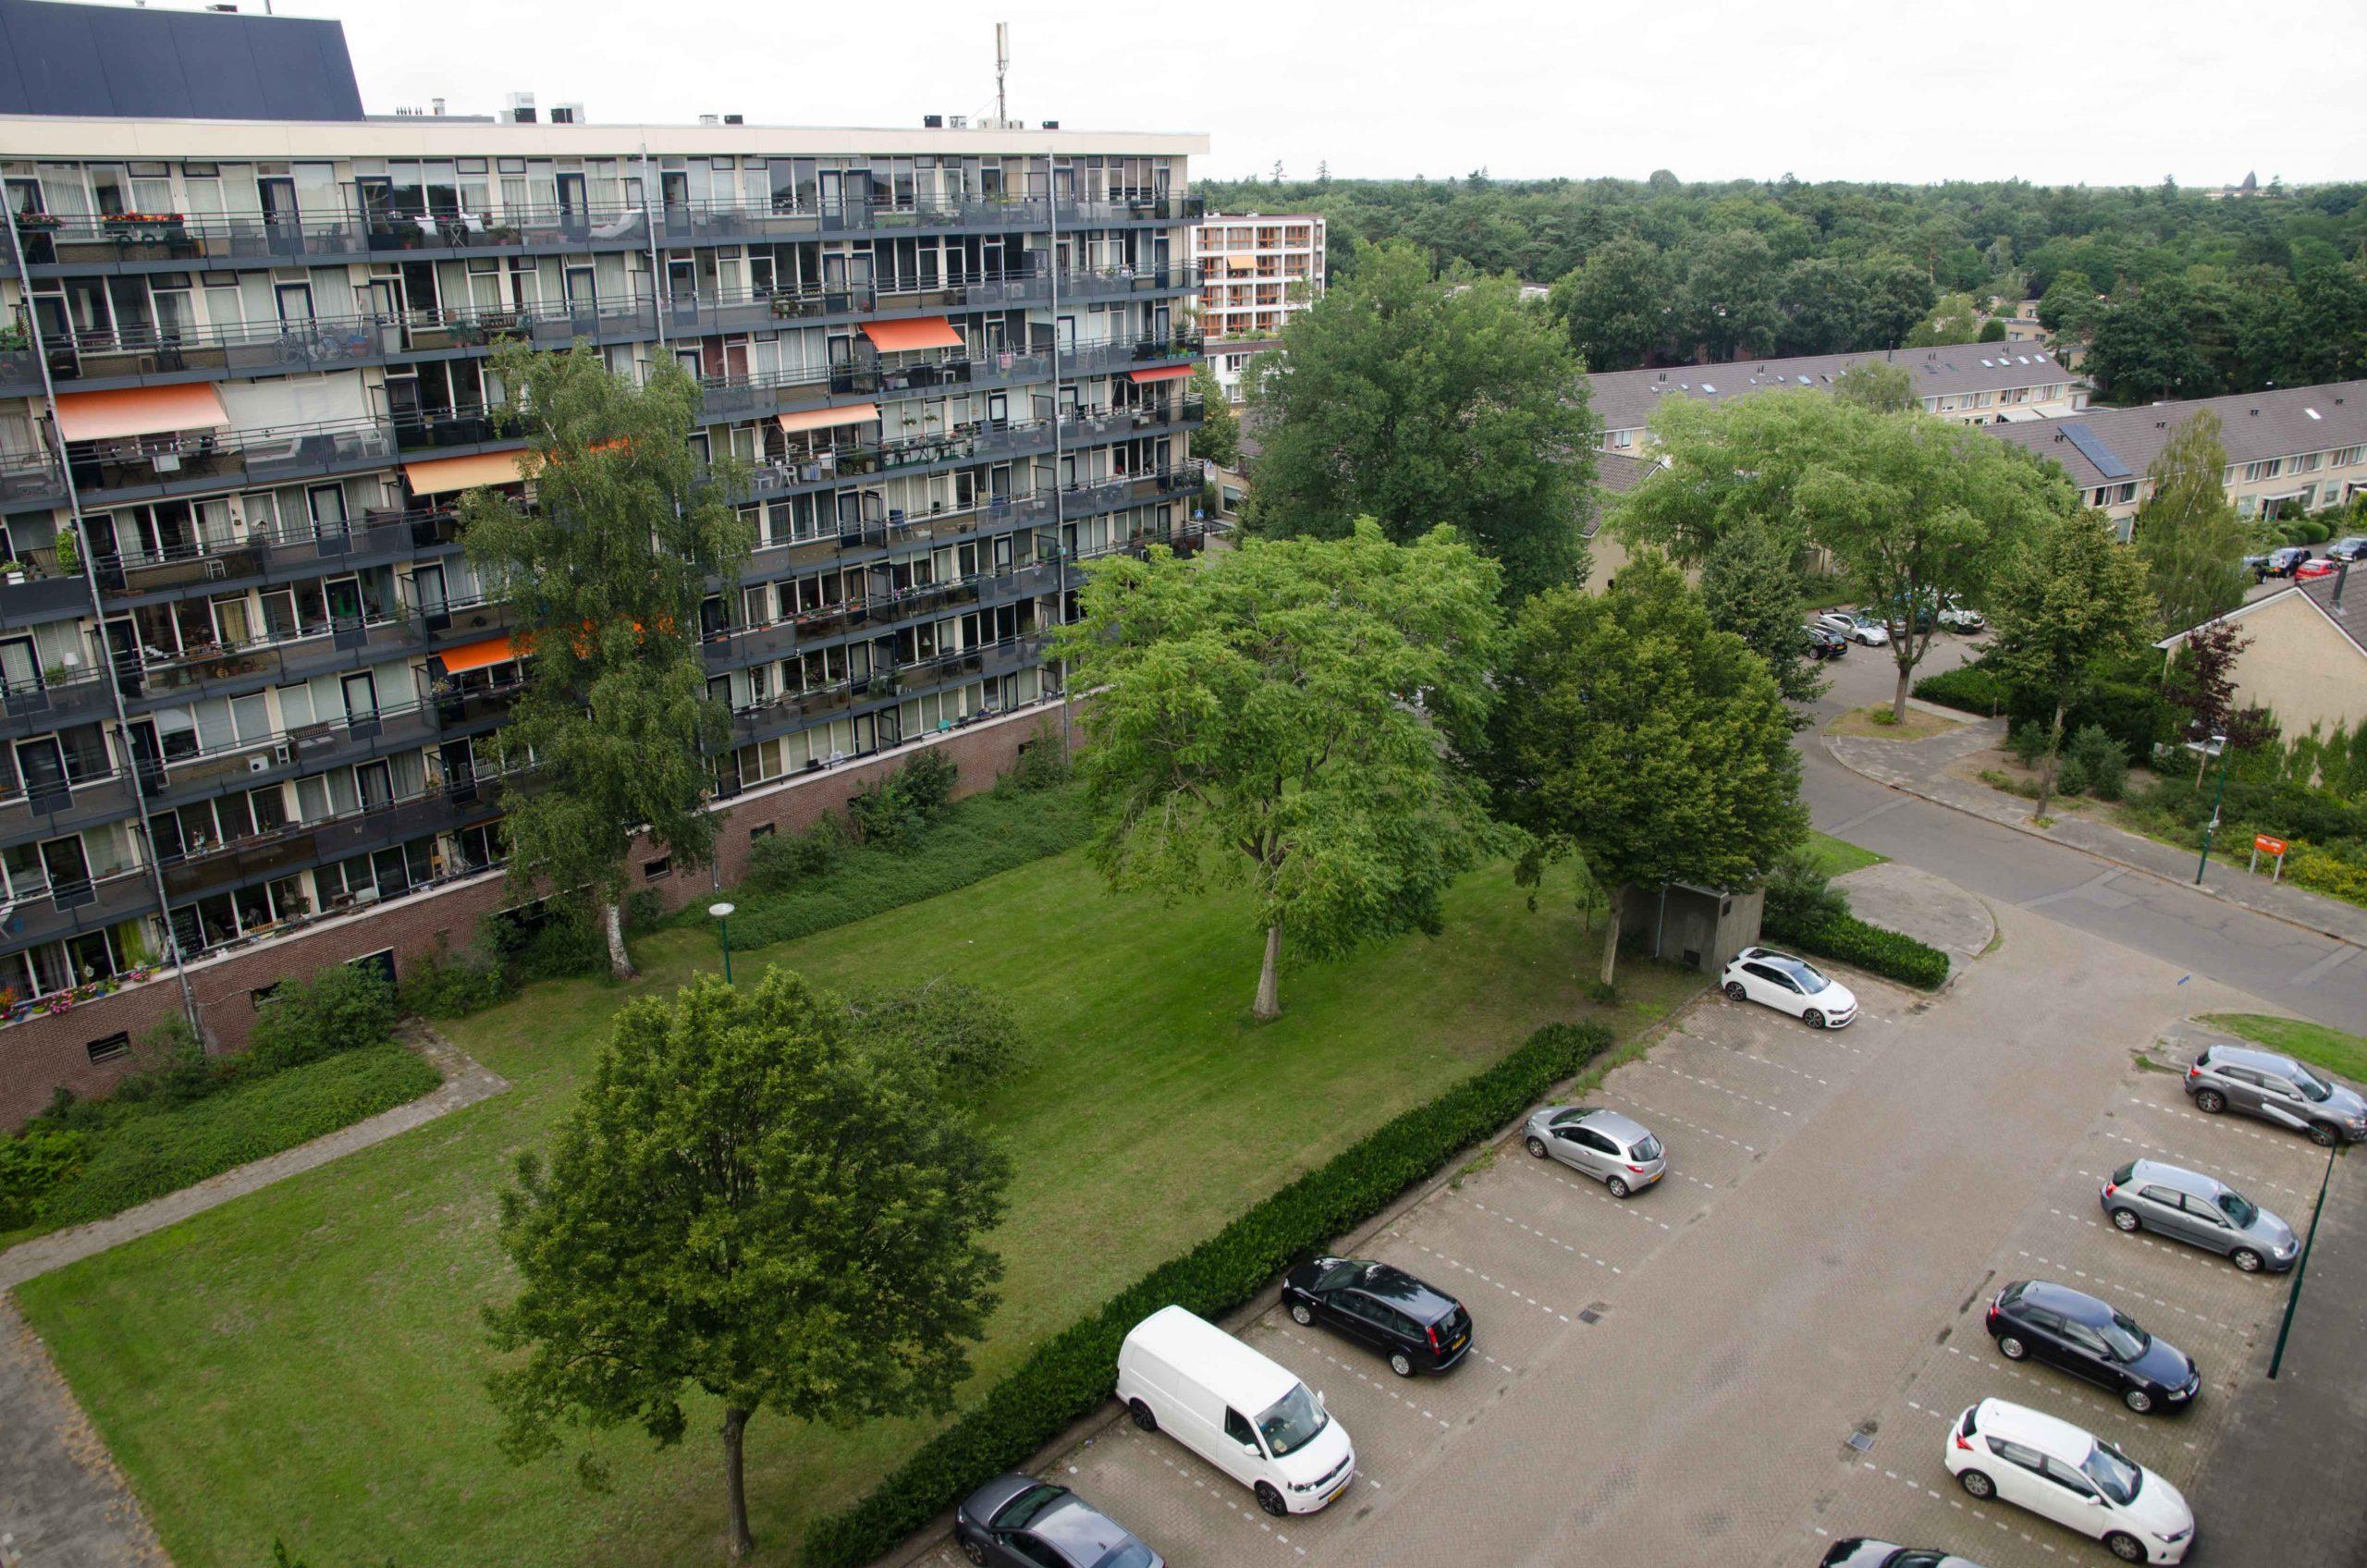 Jouw foto van de wijk hier?